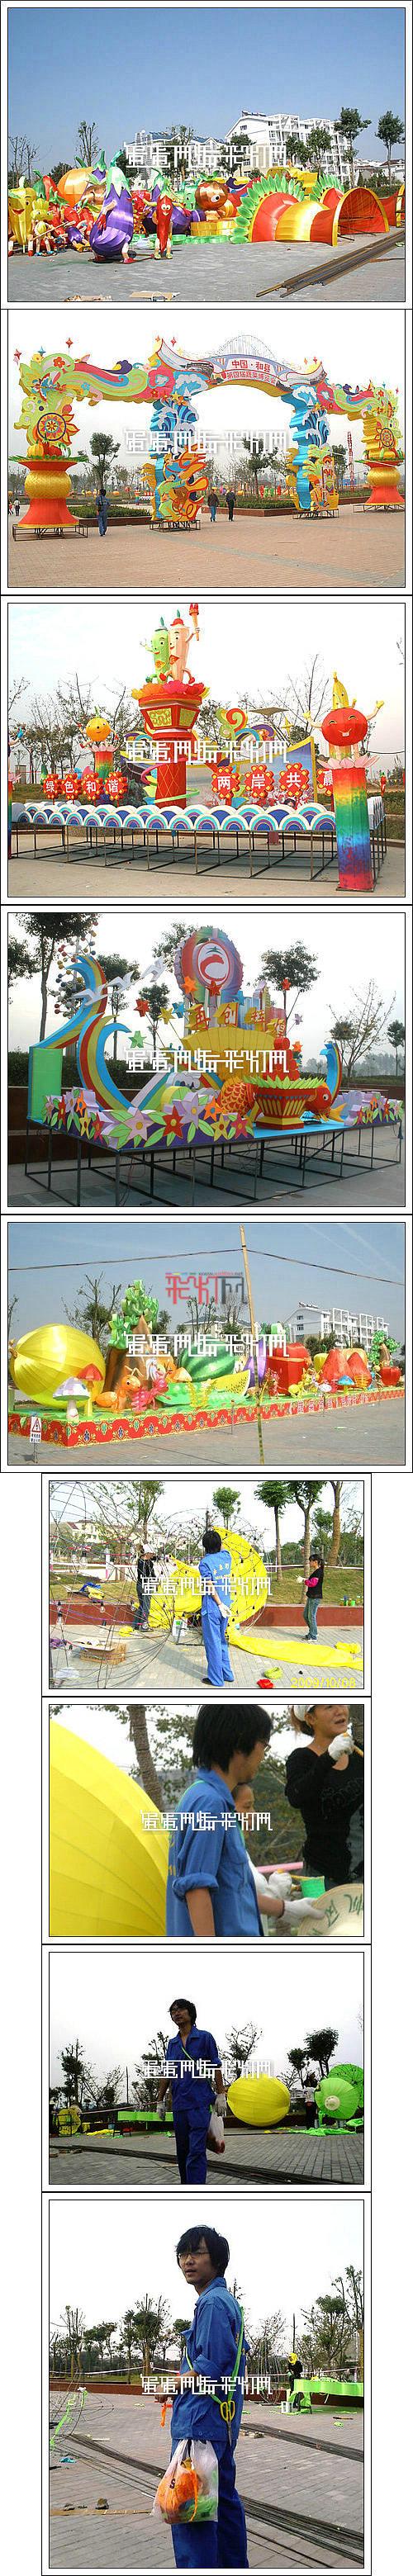 2009安徽和县疏菜博览会